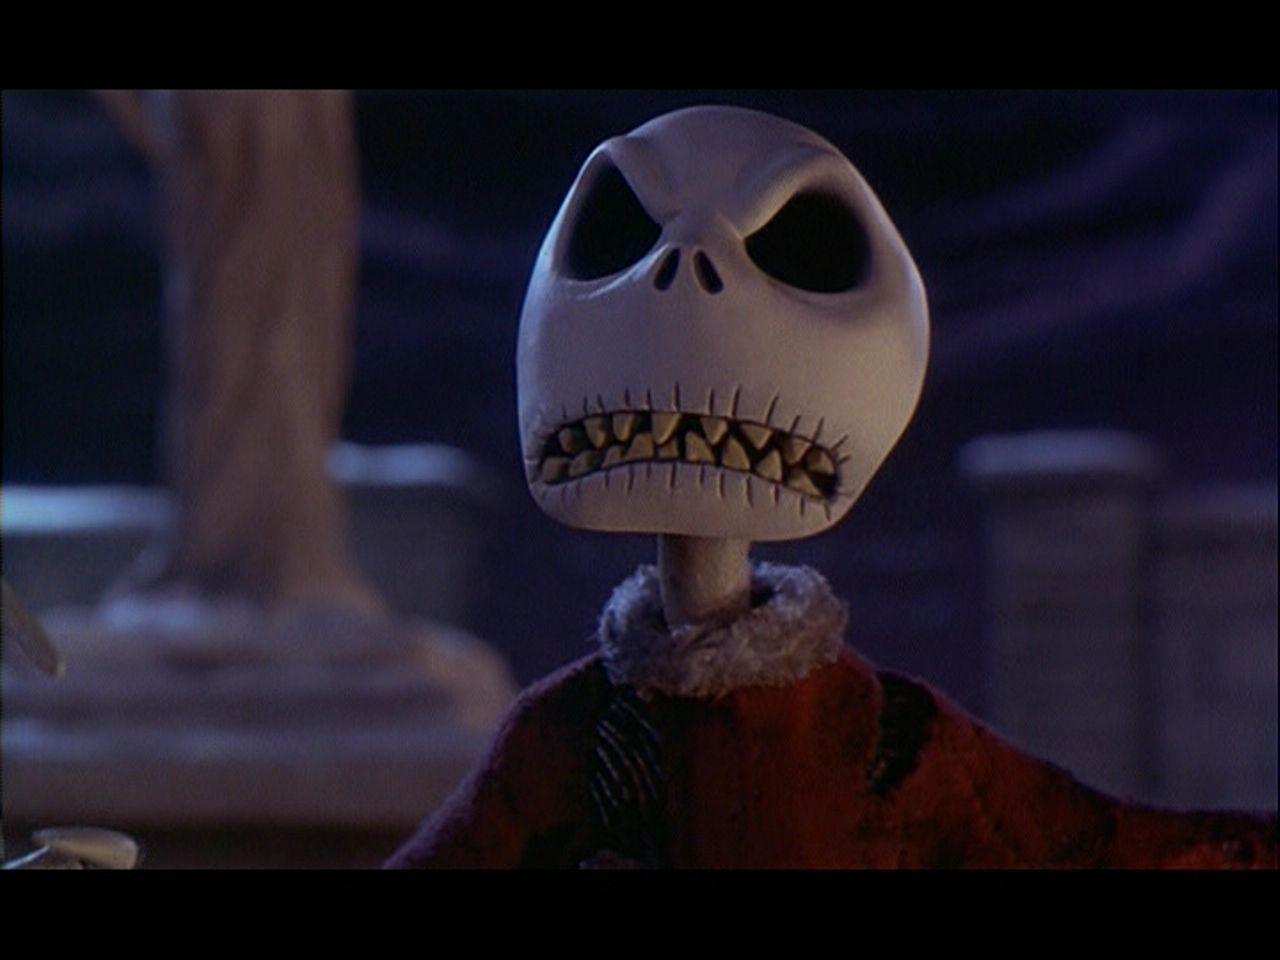 Angry Jack Nightmare Christmas